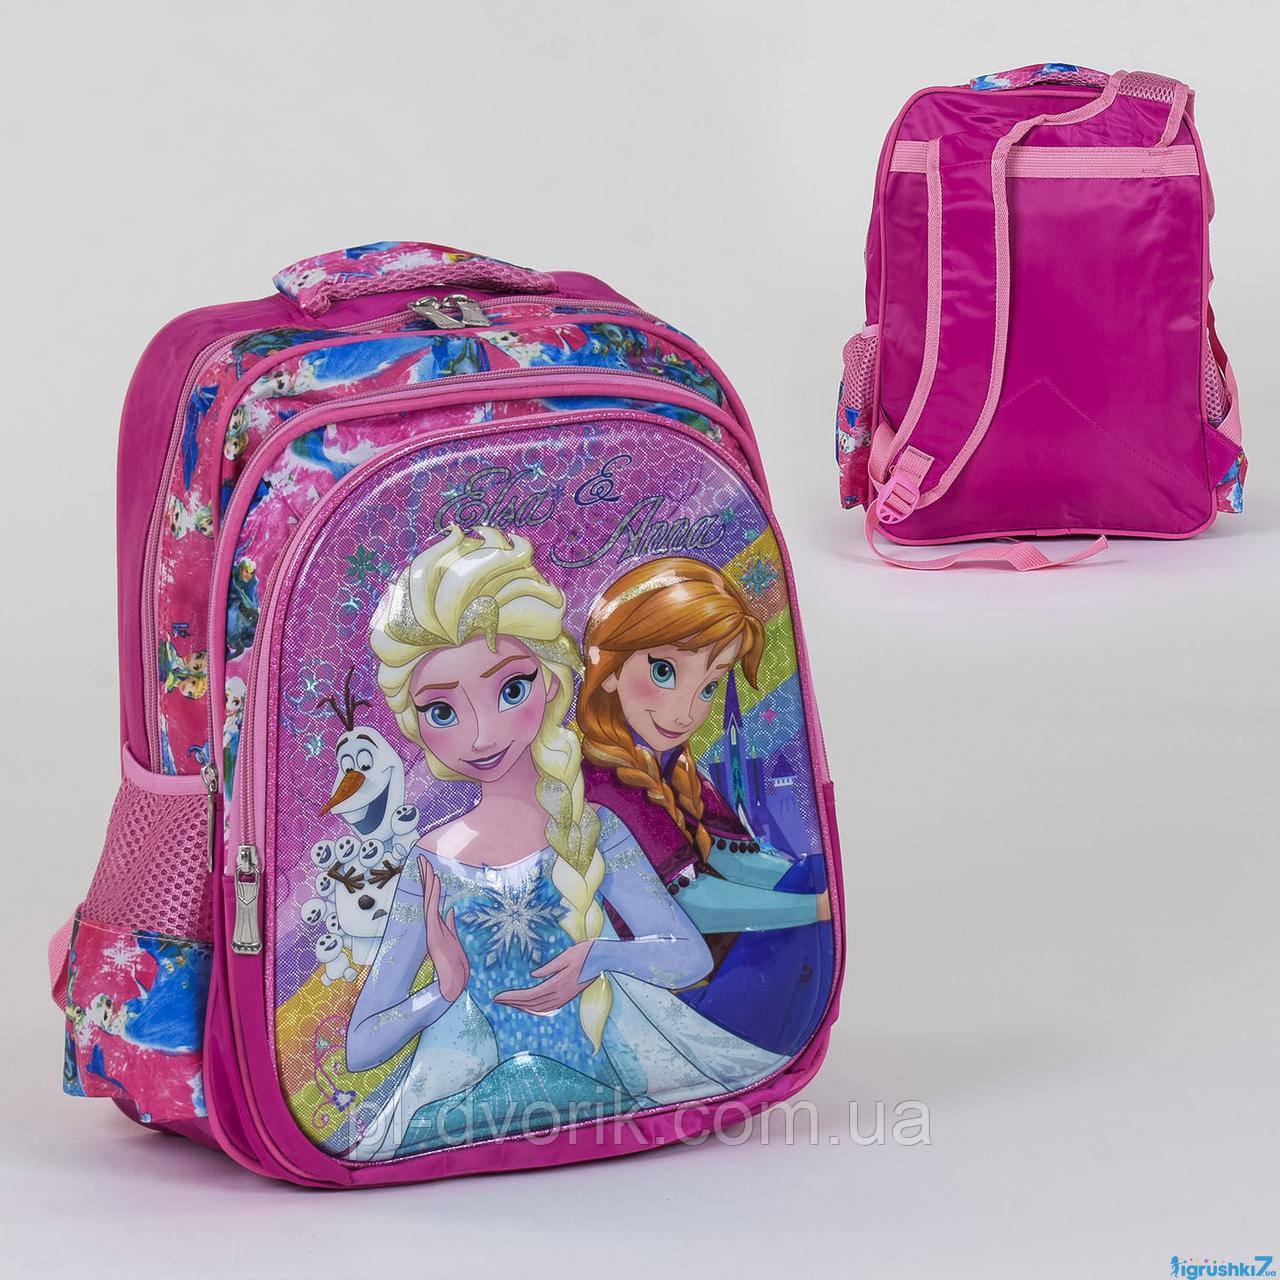 Рюкзак шкільний З 36260 (50) 2 відділення, 3 кишені, 3D принт Розмір упаковки: 30 х 5 х 40 см Упаковка: Пакет